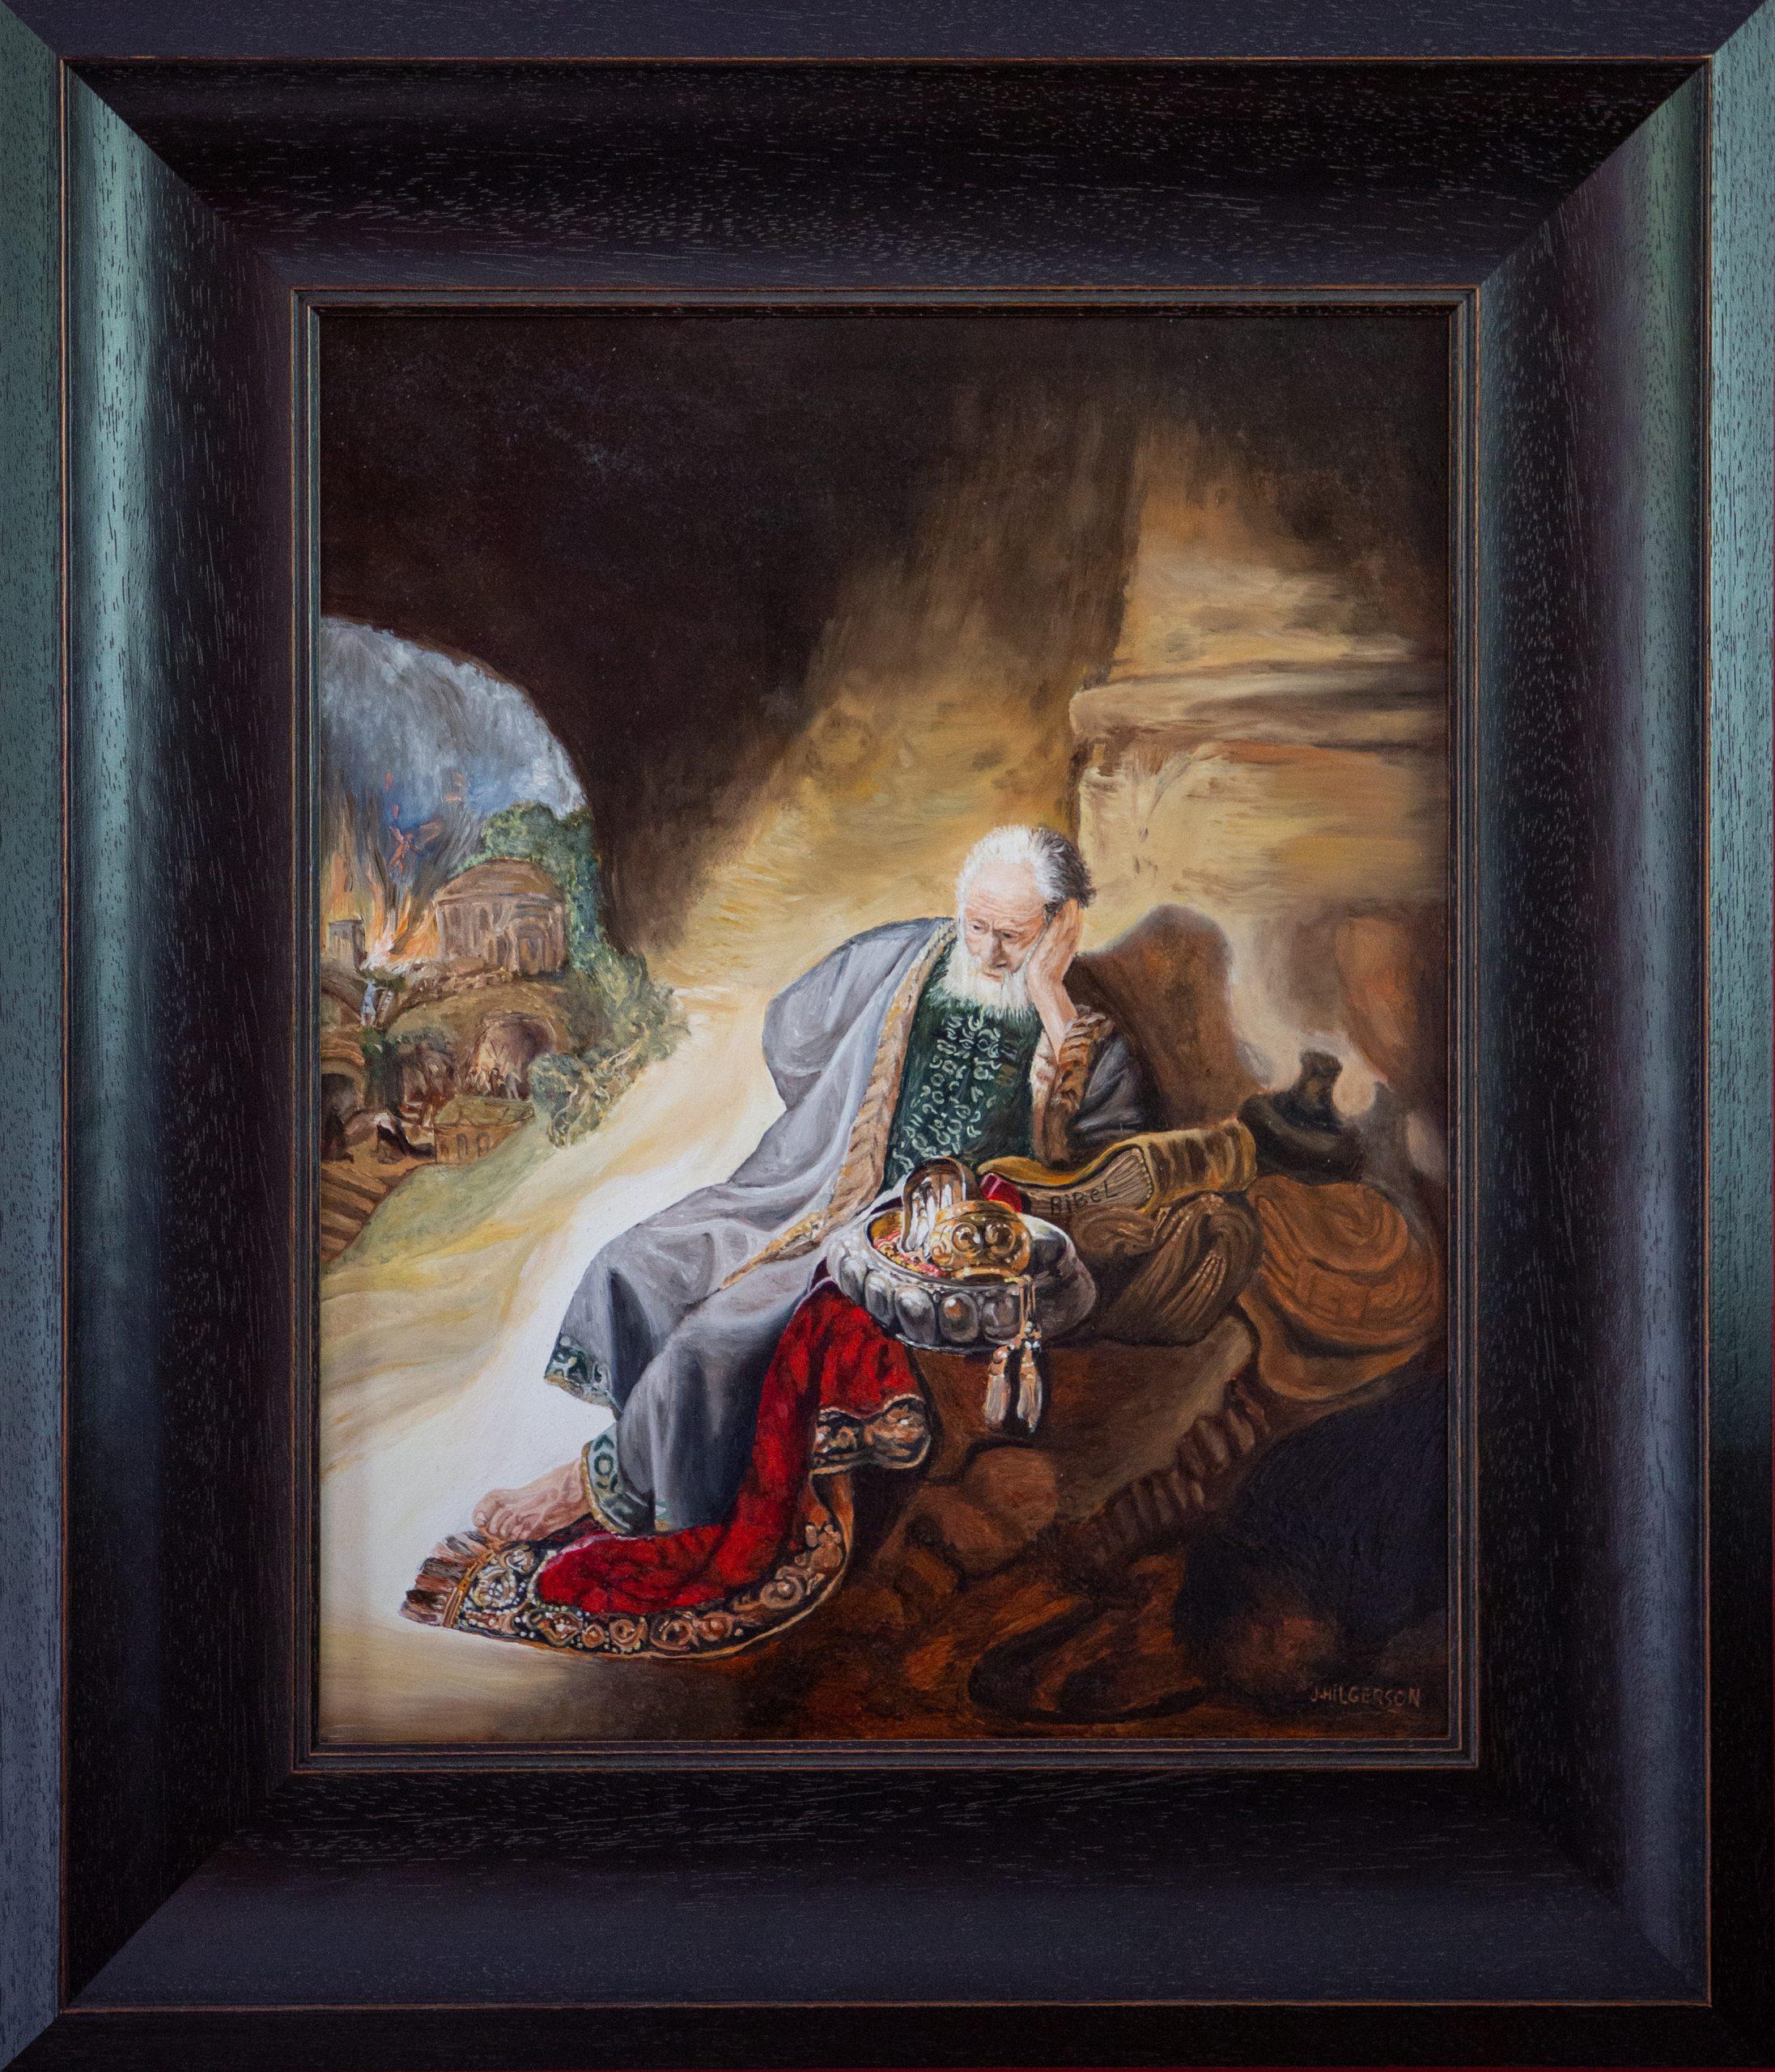 Jeremia treurend over de verwoesting van Jeruzalem 1630 Van Rembrandt van Rijn (2019)